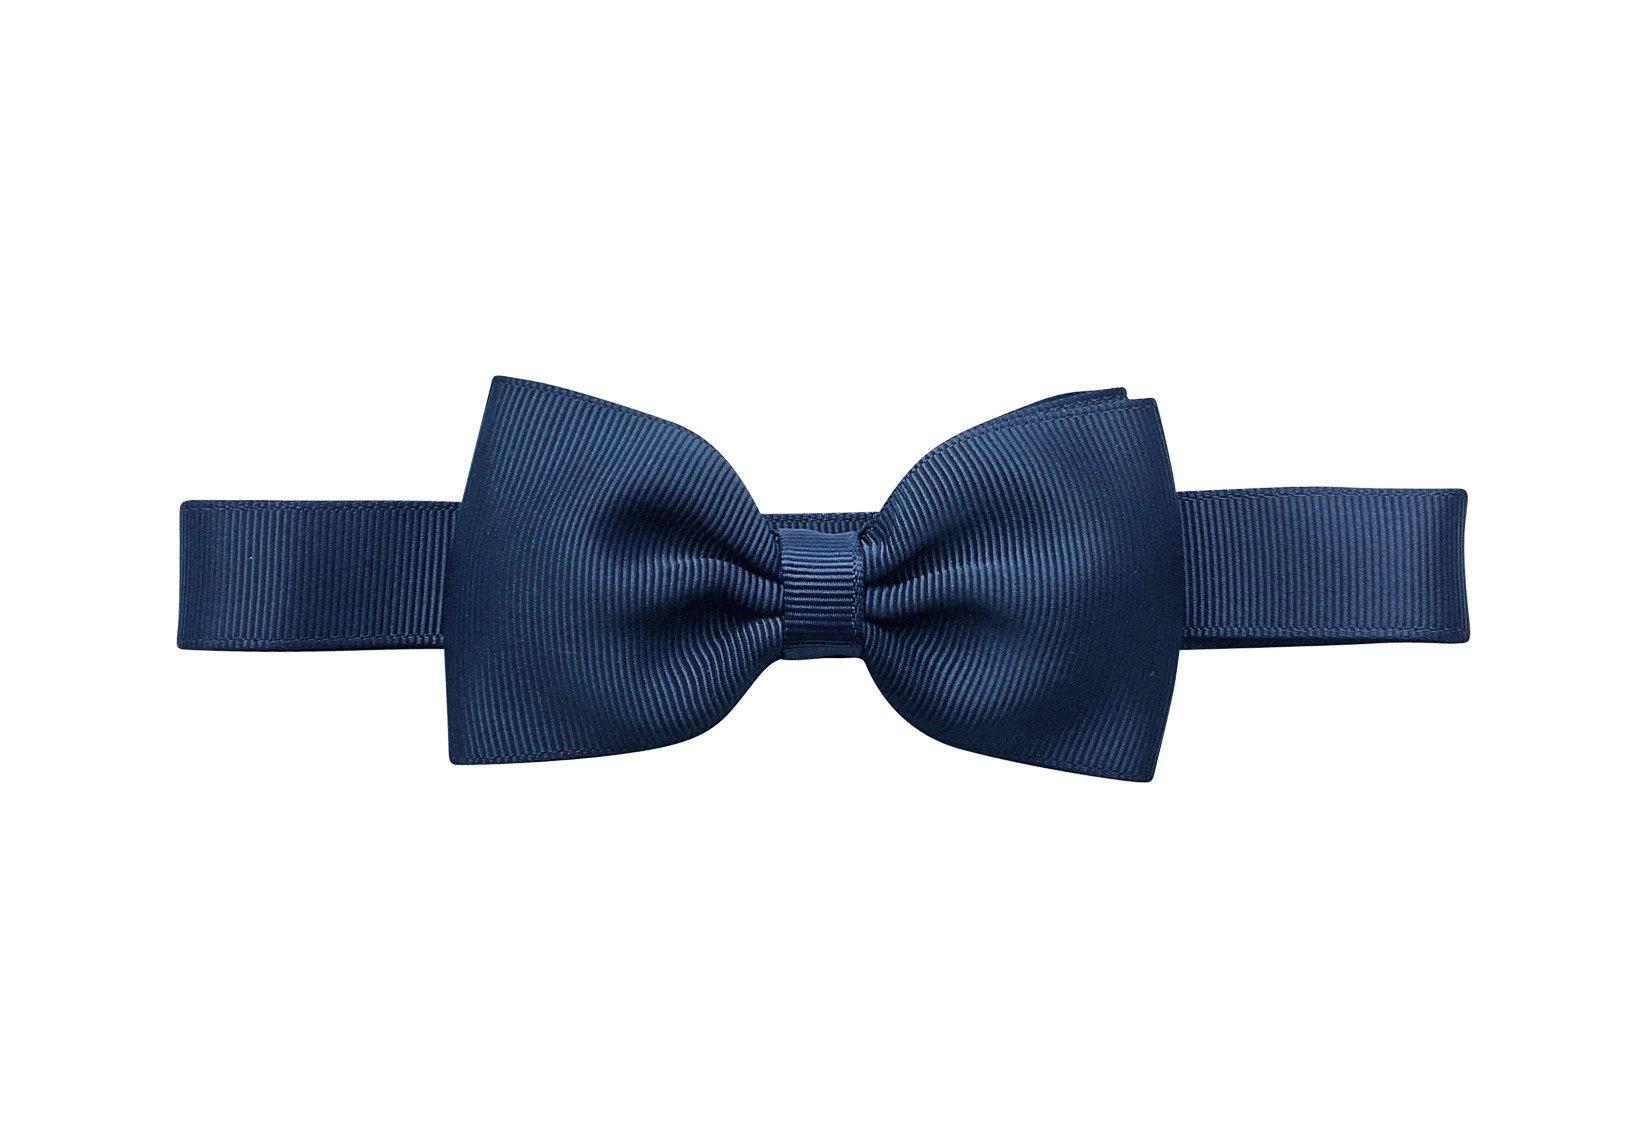 Grosgrain Bow Ties